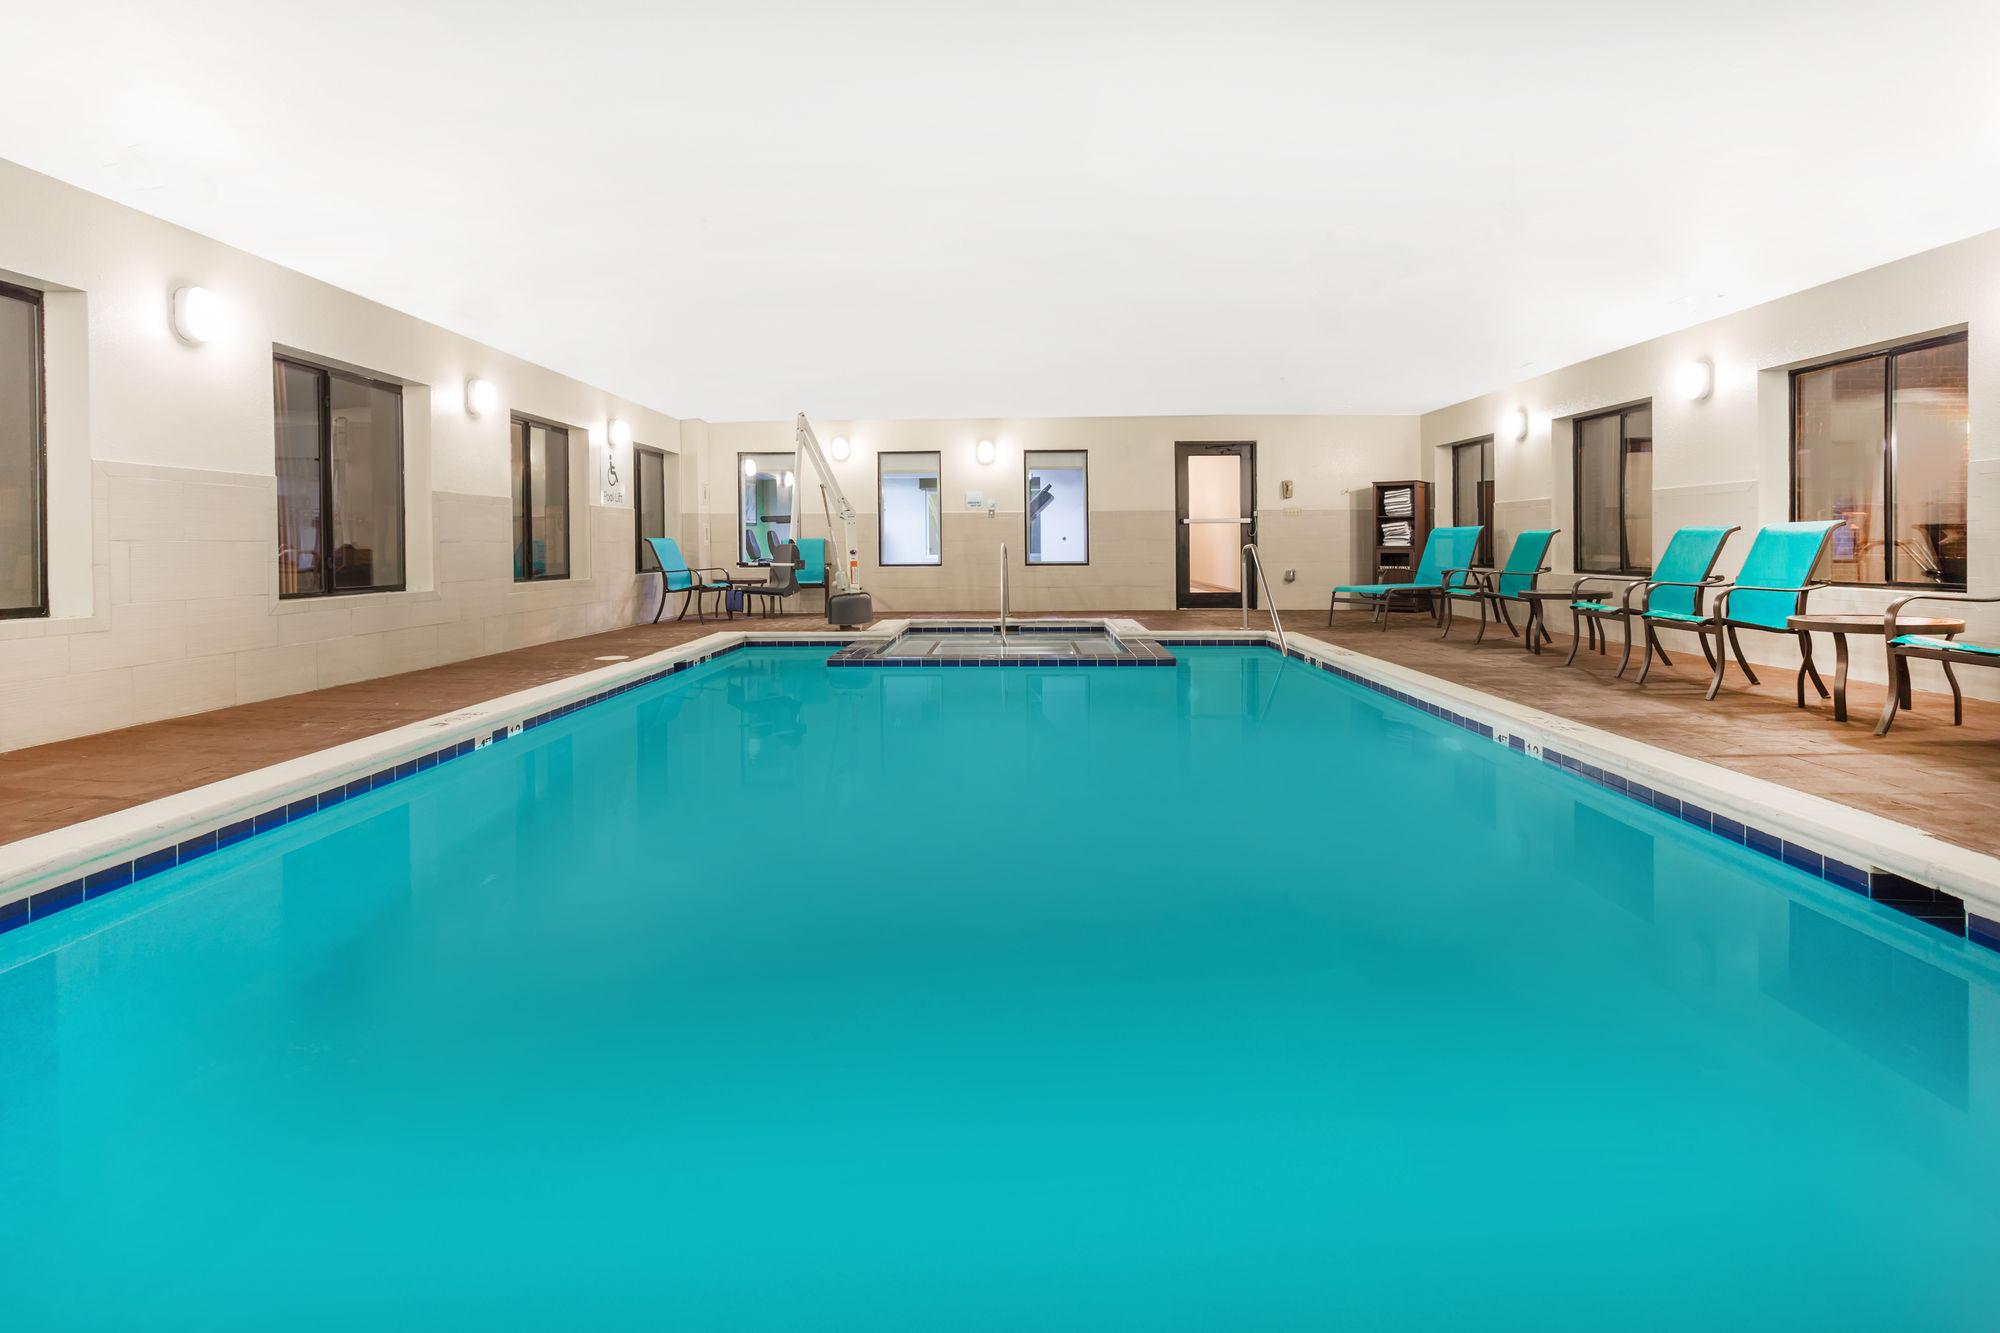 Holiday Inn Express Princeton in Princeton, WV